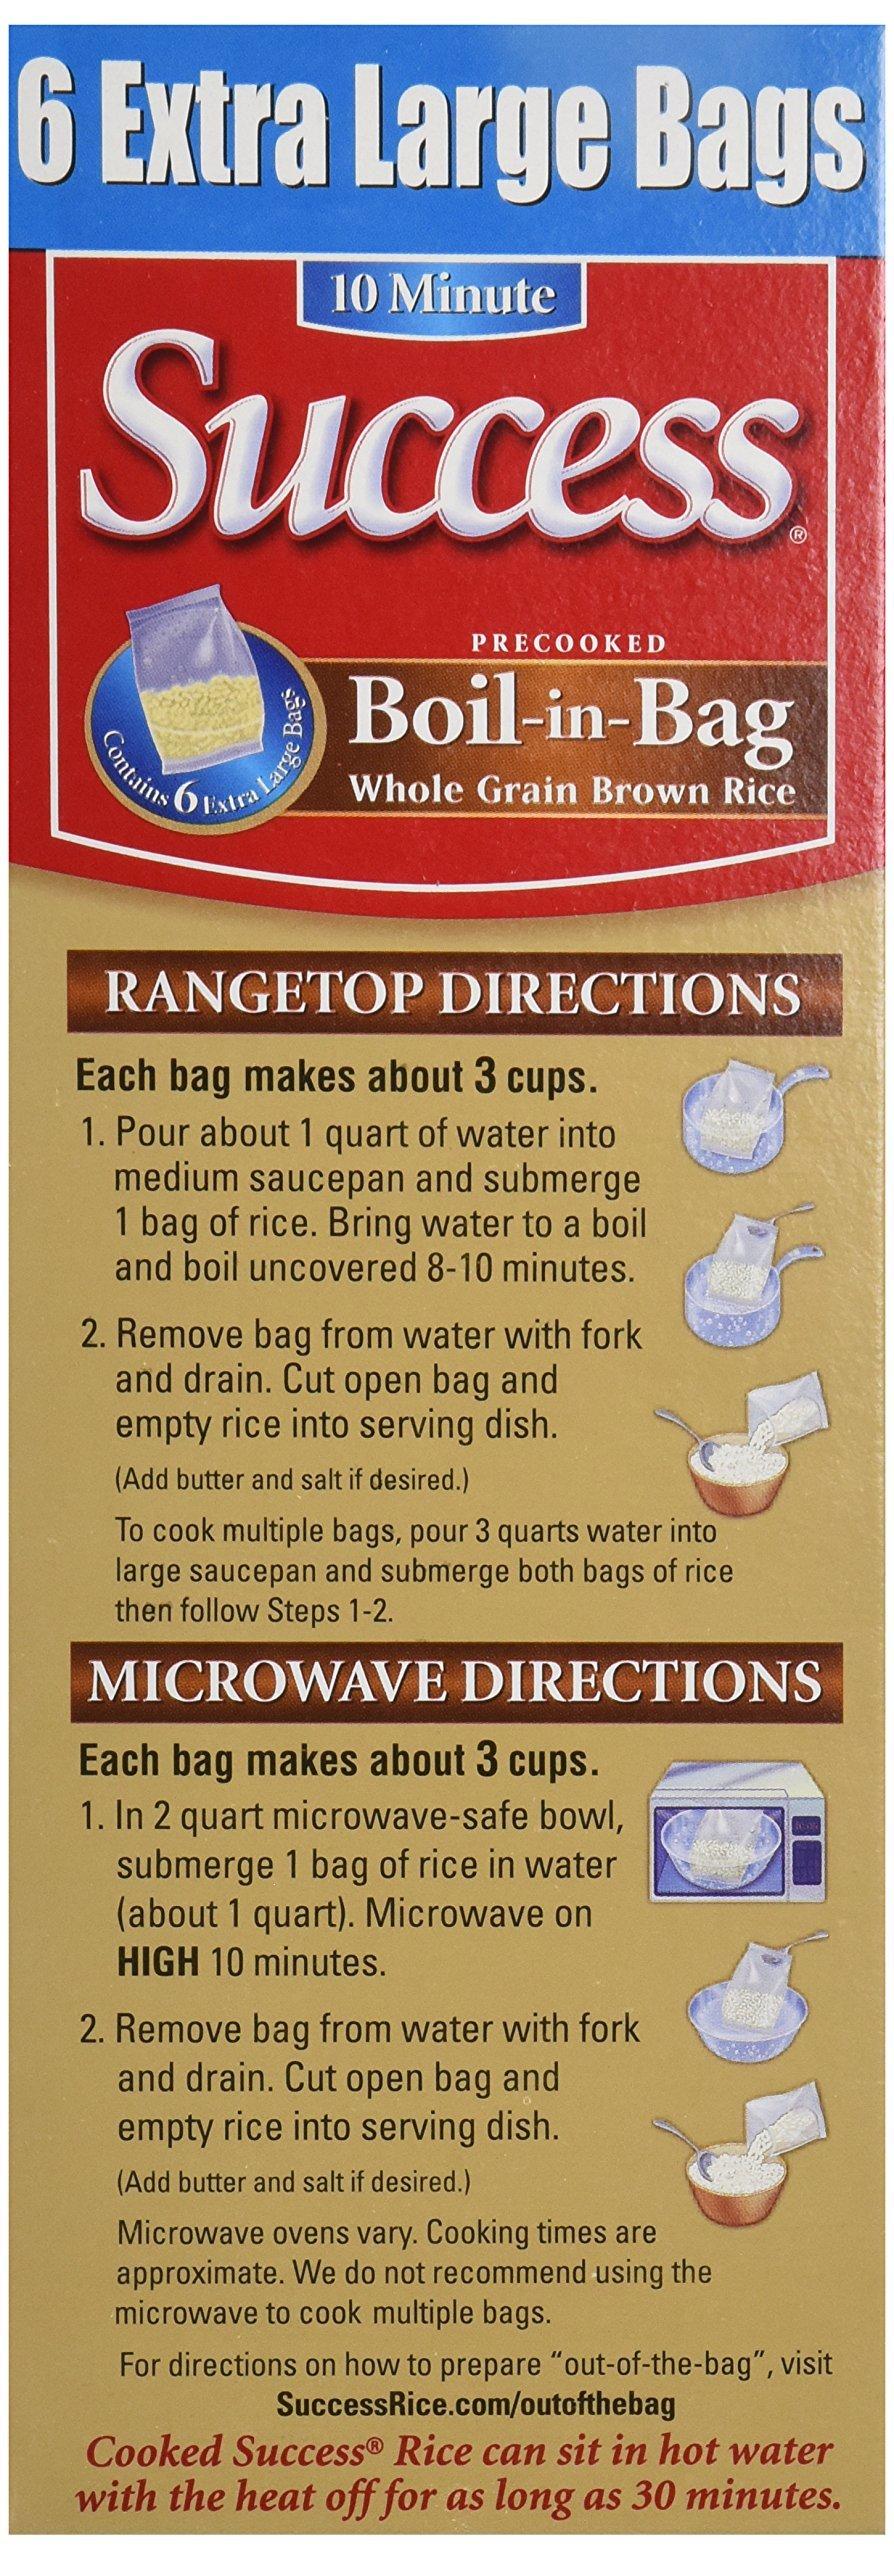 Success Rice Boil In Bag Brown Rice, 6 Large Bags, Wt 32 Oz